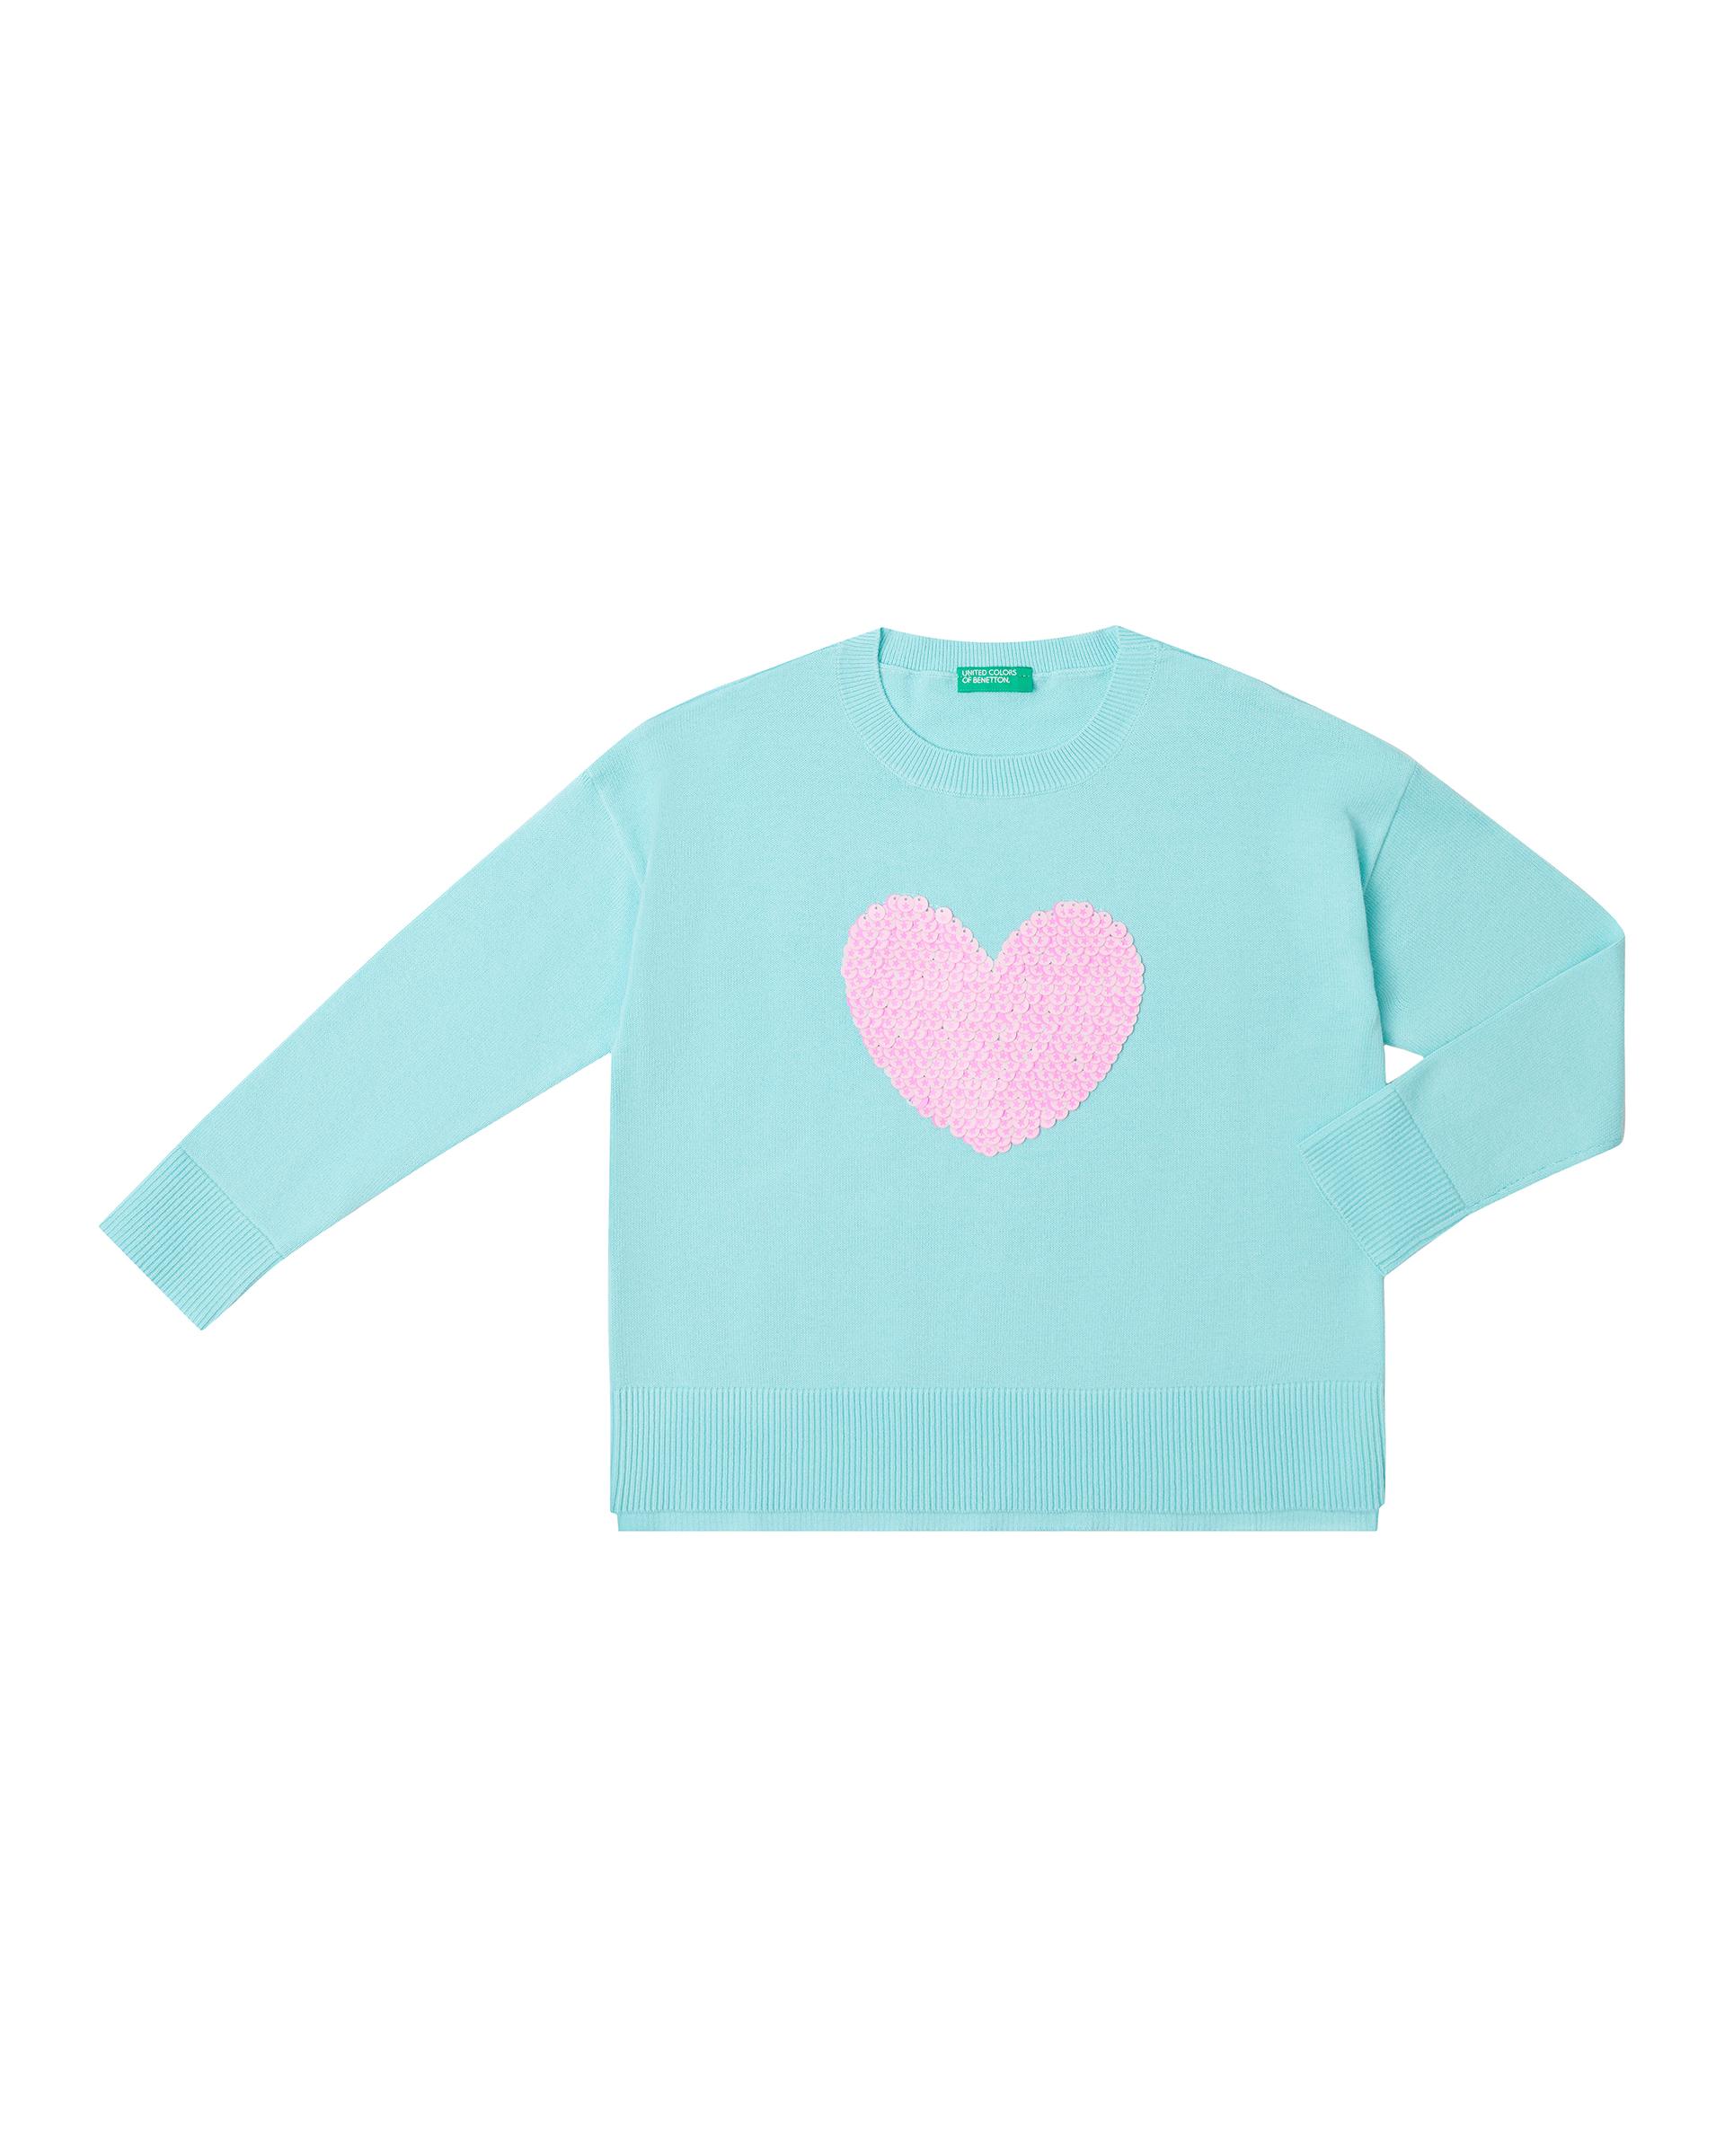 Купить 20P_10C1C1906_920, Джемпер для девочек Benetton 10C1C1906_920 р-р 140, United Colors of Benetton, Джемперы для девочек